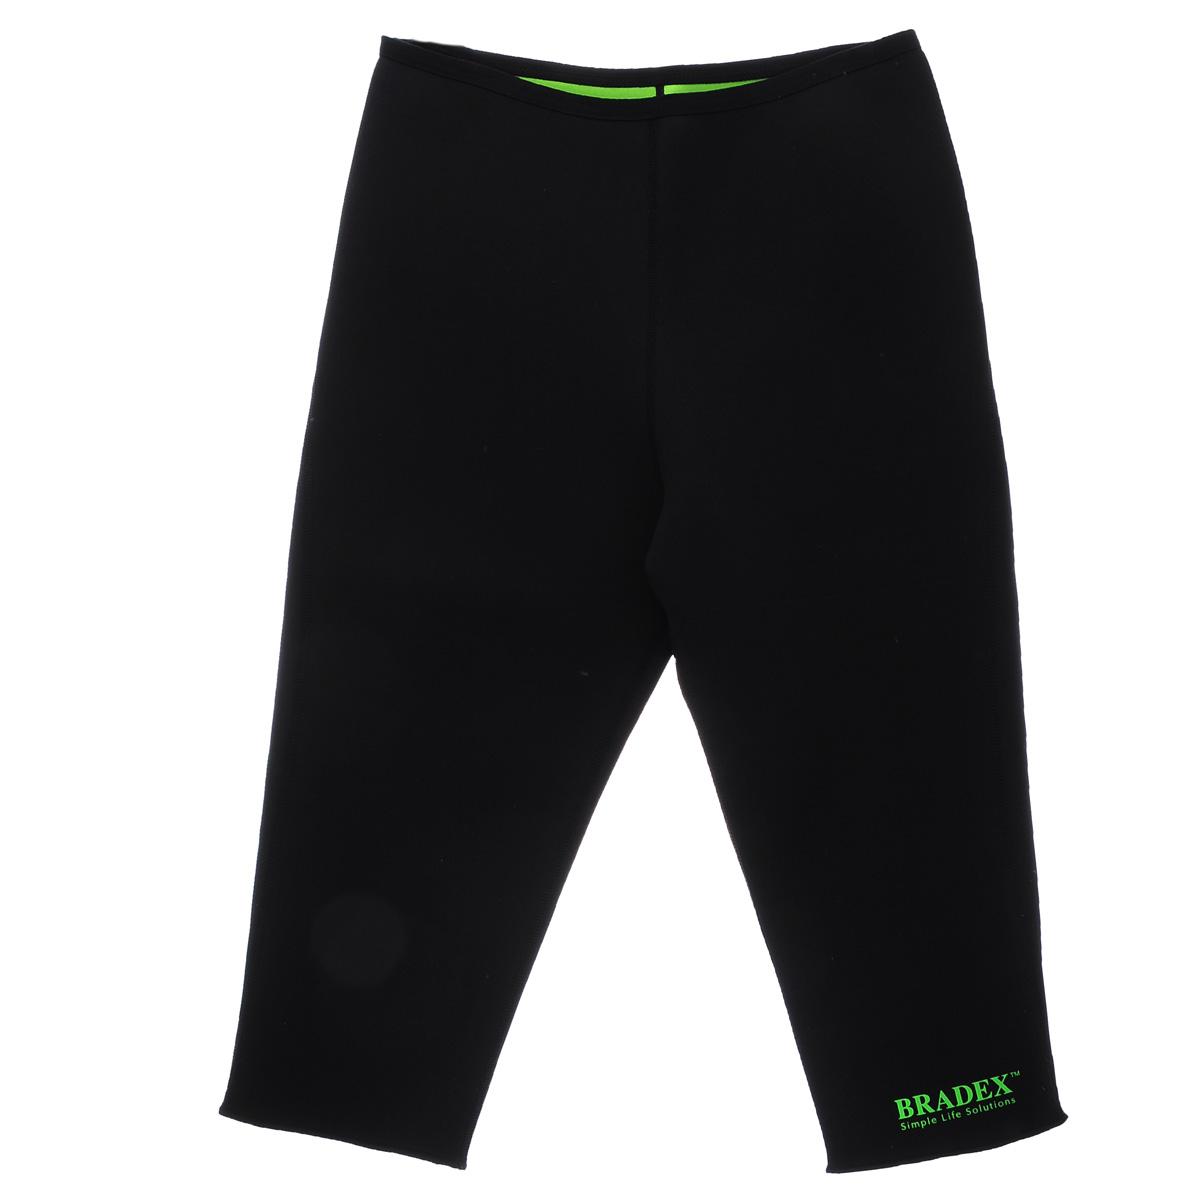 Леггинсы для похудения Bradex Body Shaper, цвет: черный. KZ 0227. Размер XL (46/52) ранец bradex цвет черный белый